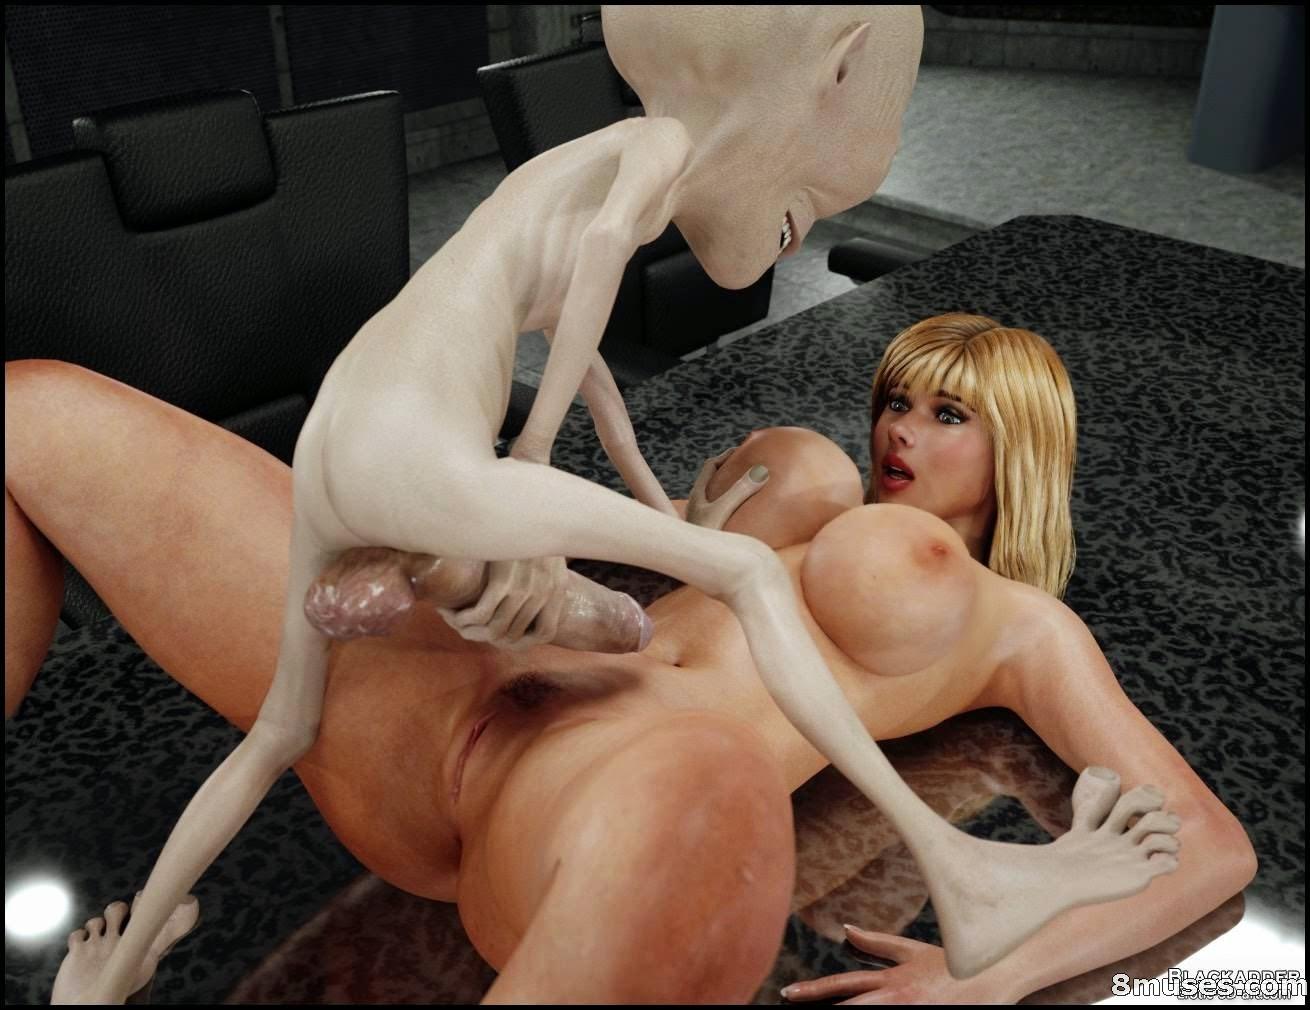 Porn alien sex video pics download smut tubes